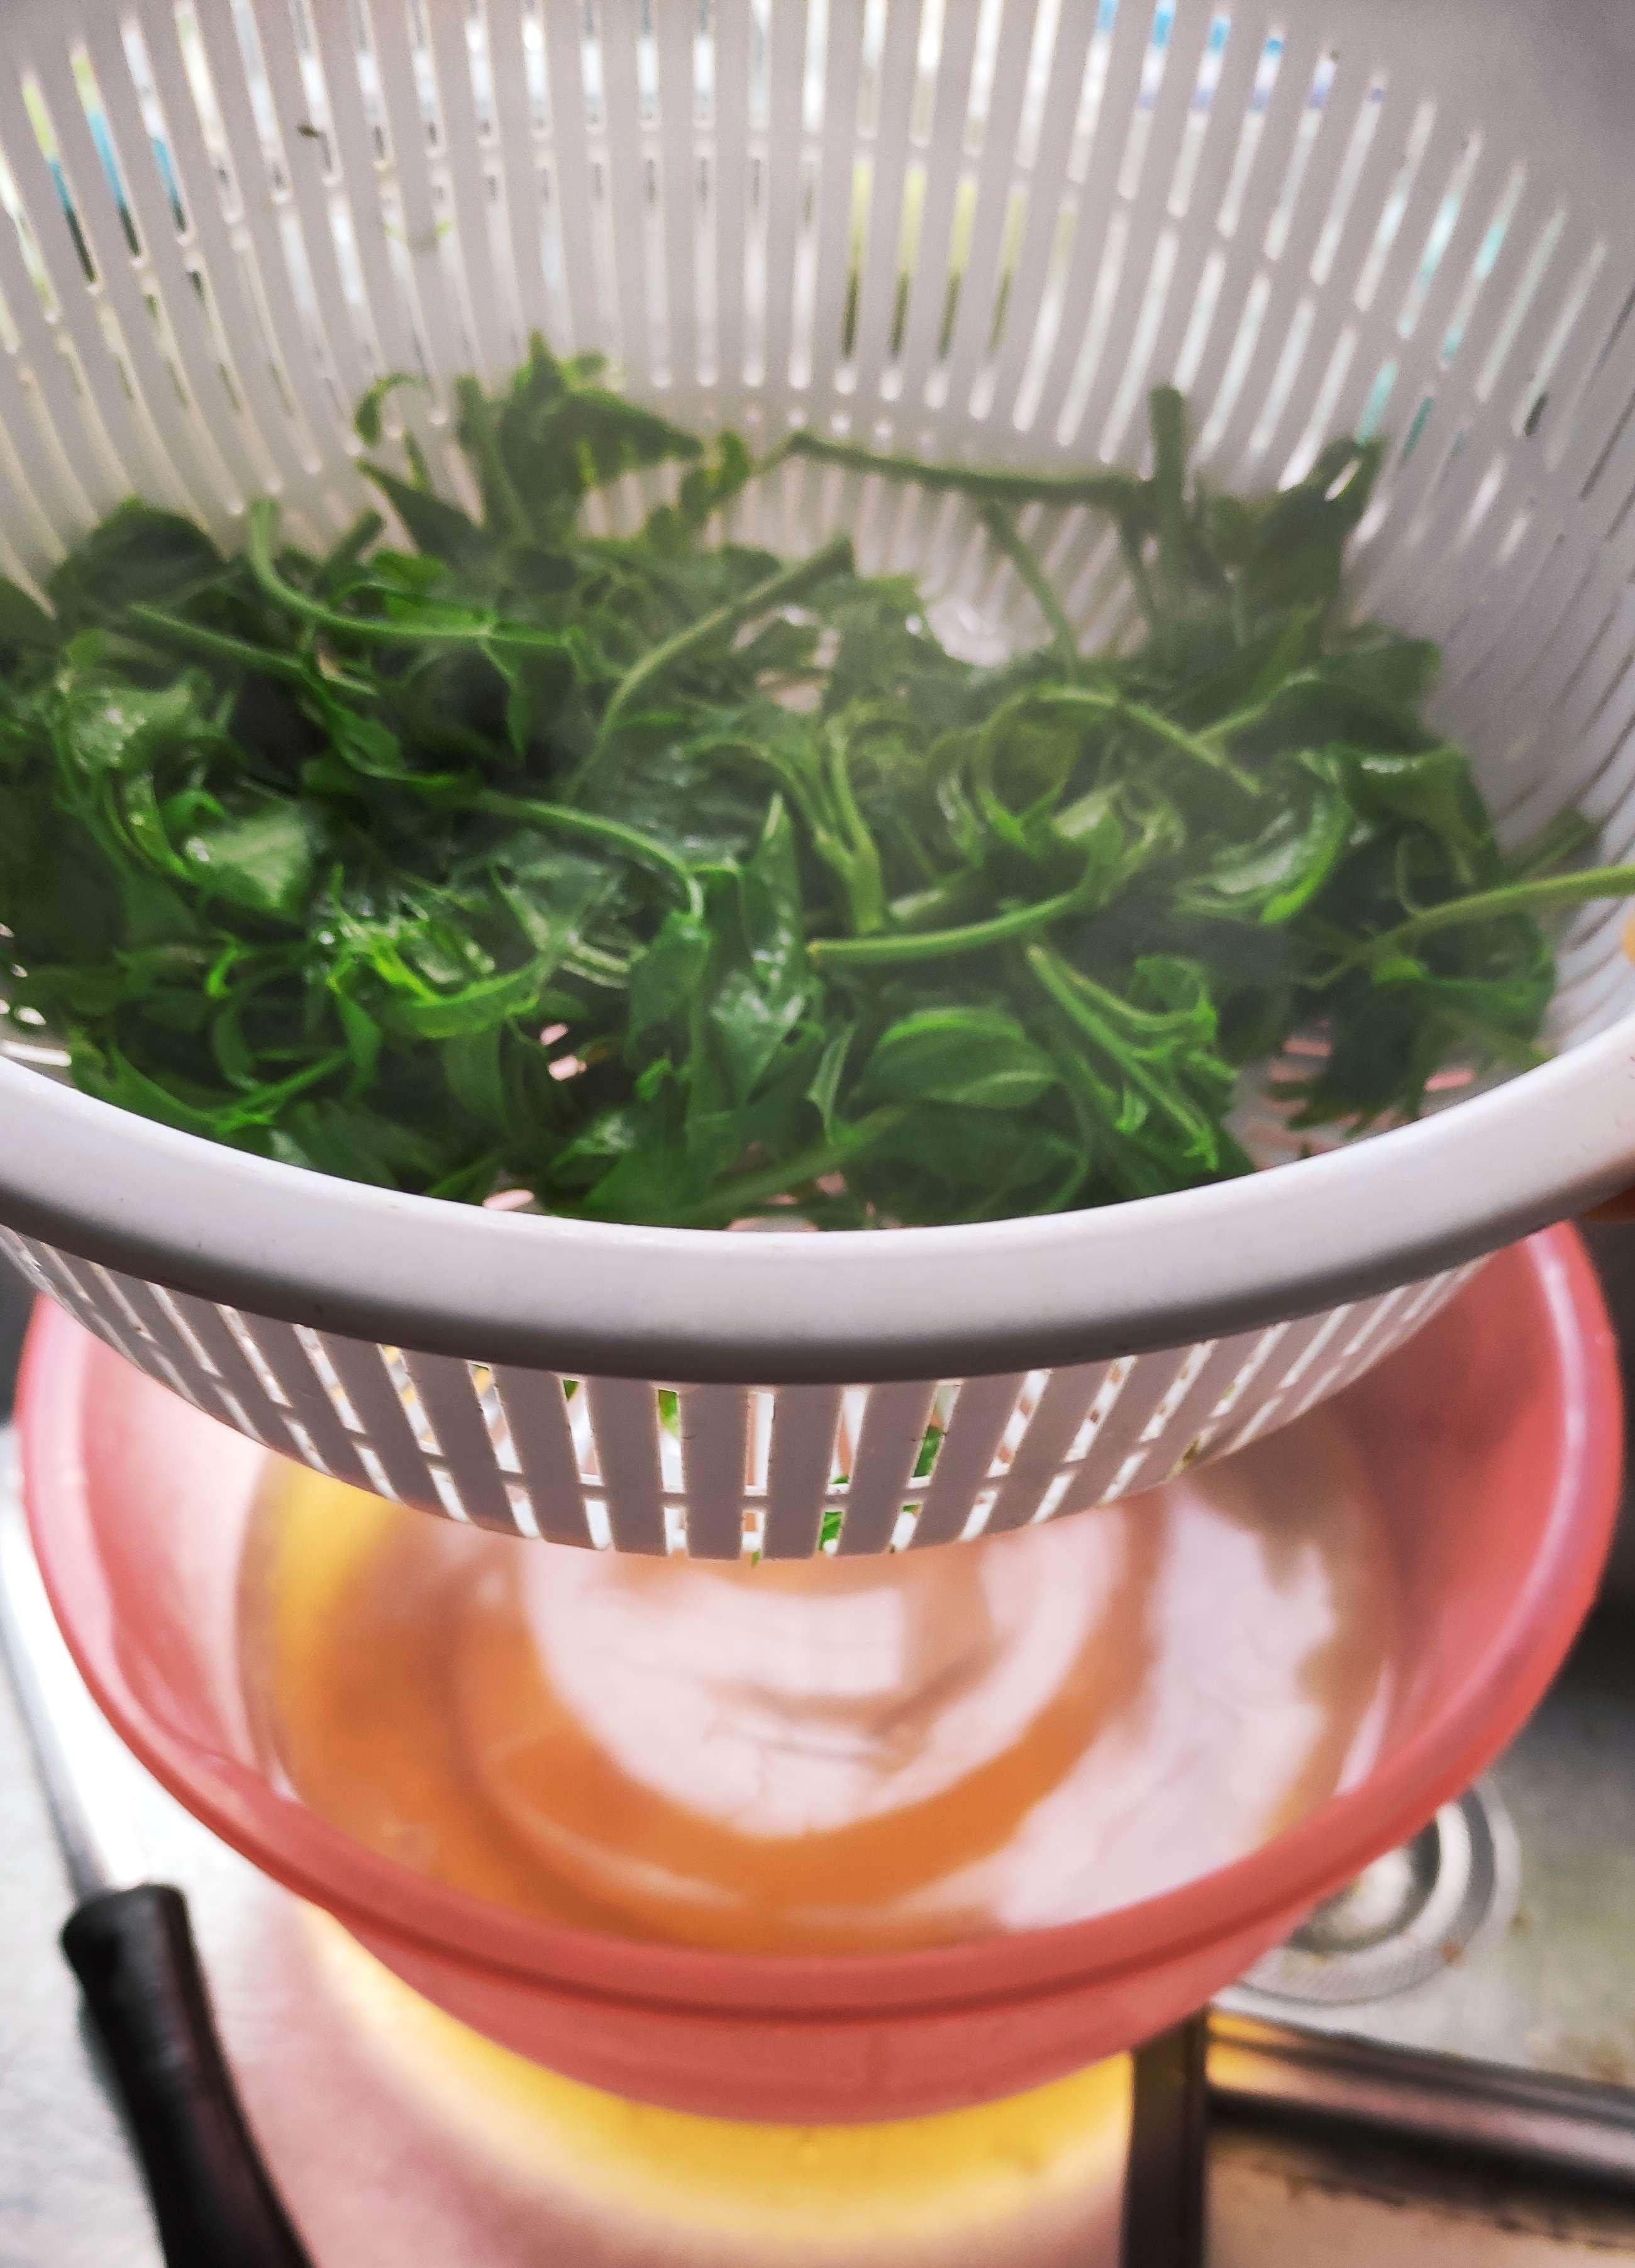 香椿炒鸡蛋,香椿要提前焯水后再炒鸡蛋味道更好的家常做法